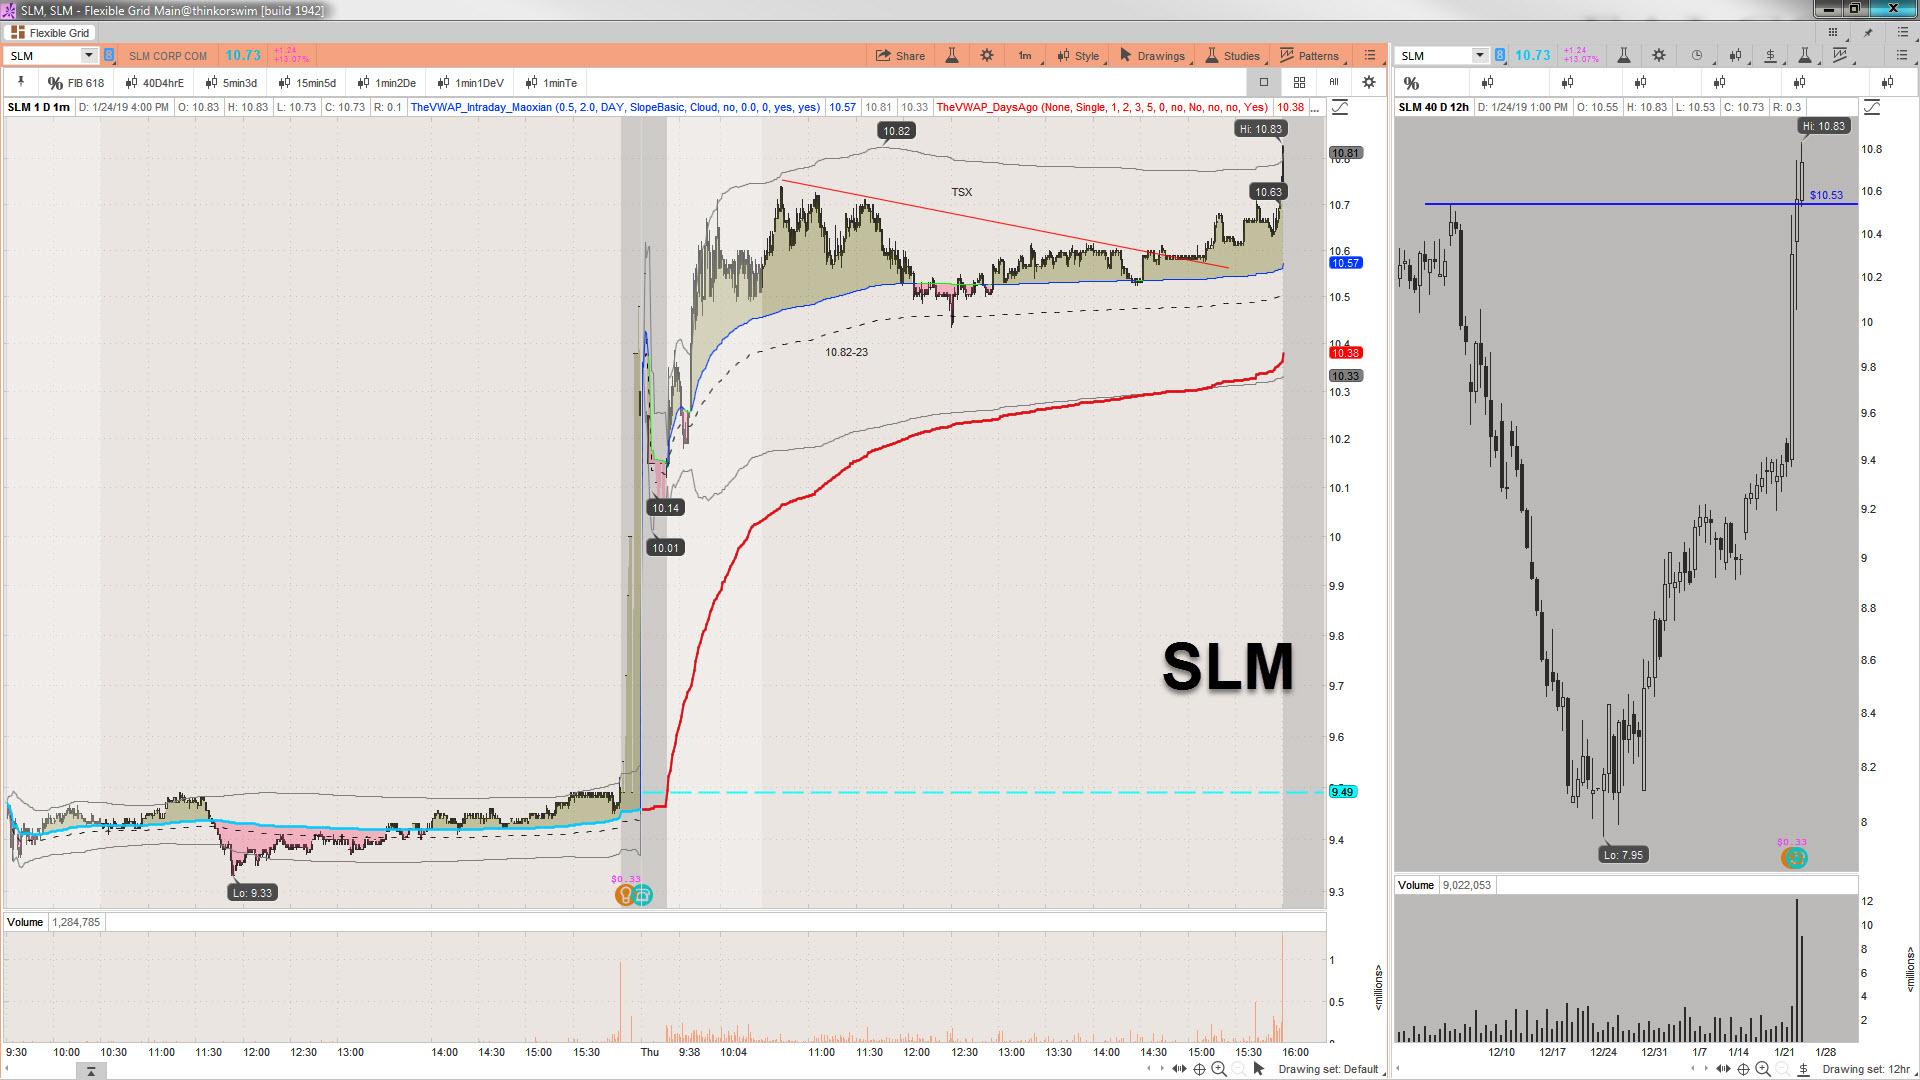 2019-01-24_16-04-25 SLM.jpg